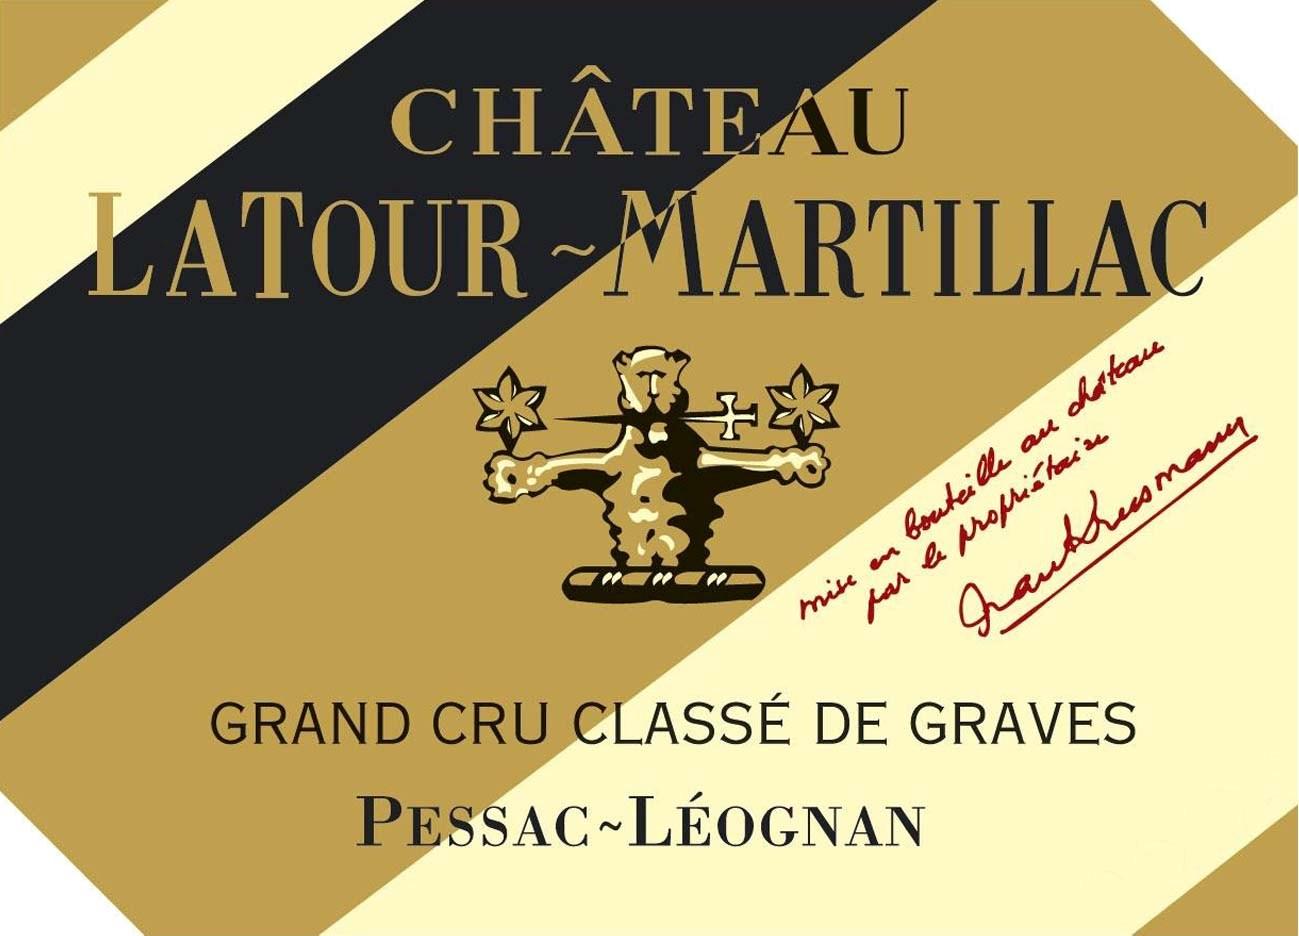 Château Latour-Martillac